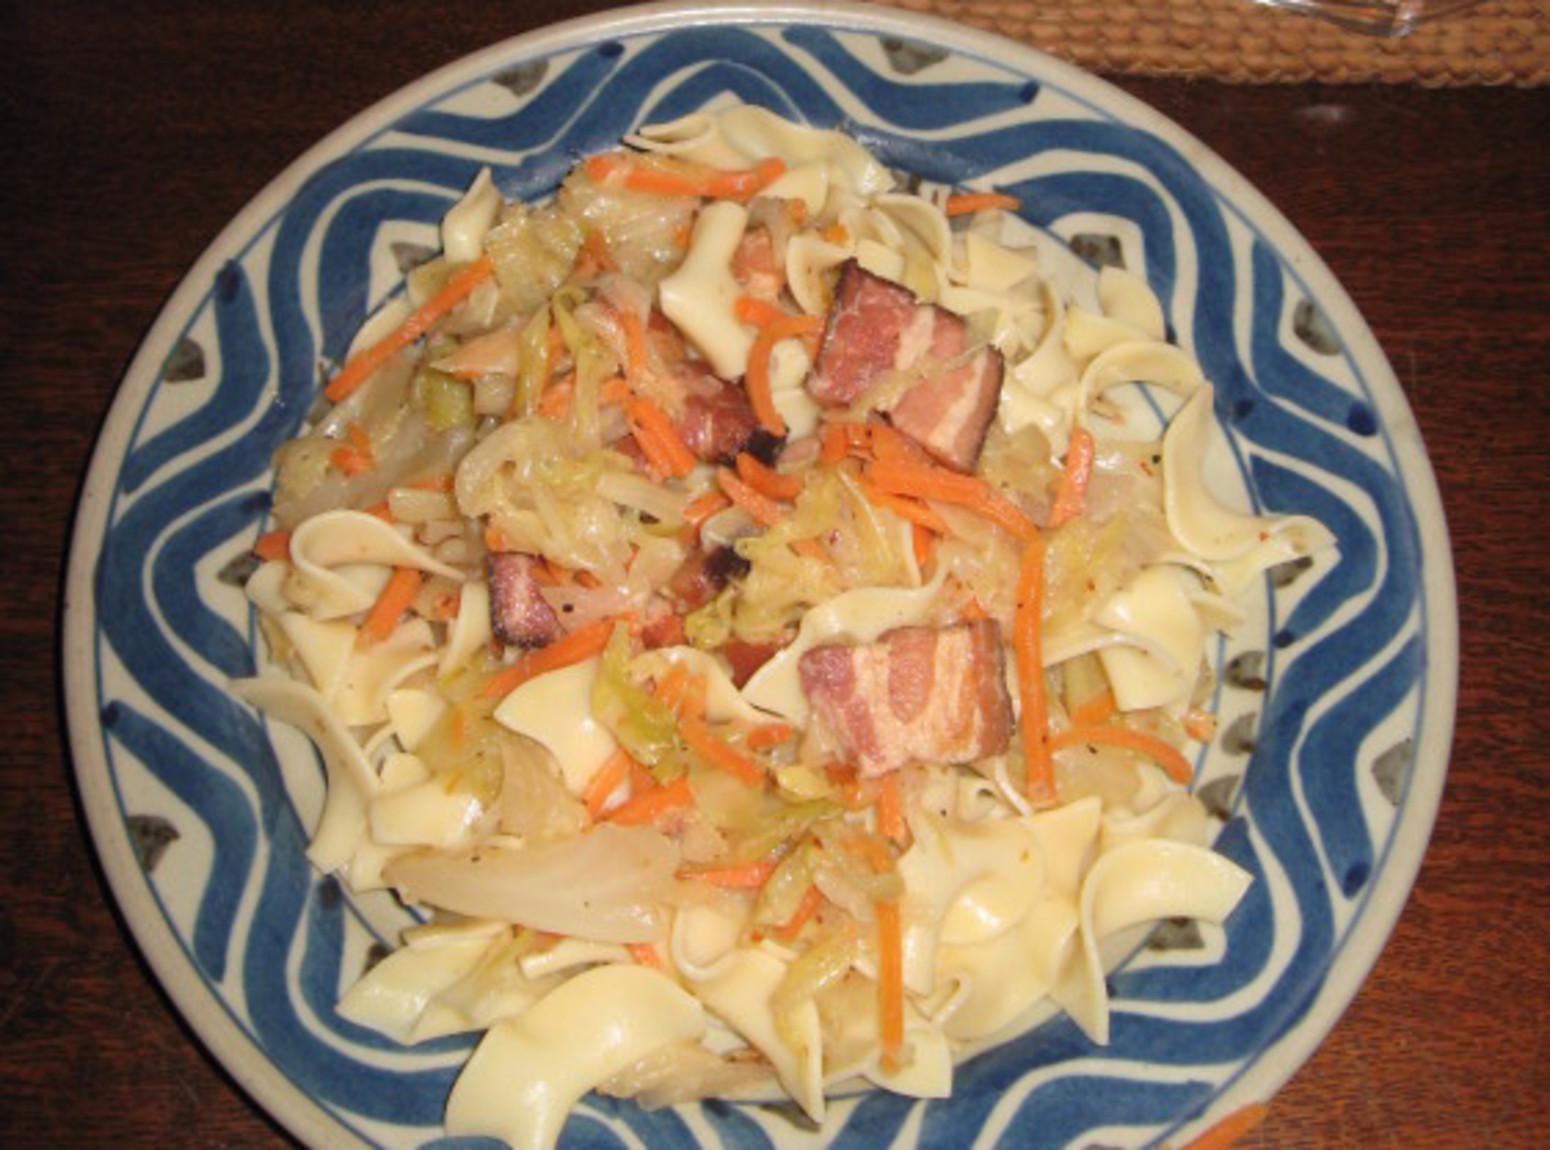 Grandma's Polish Haluski Recipe